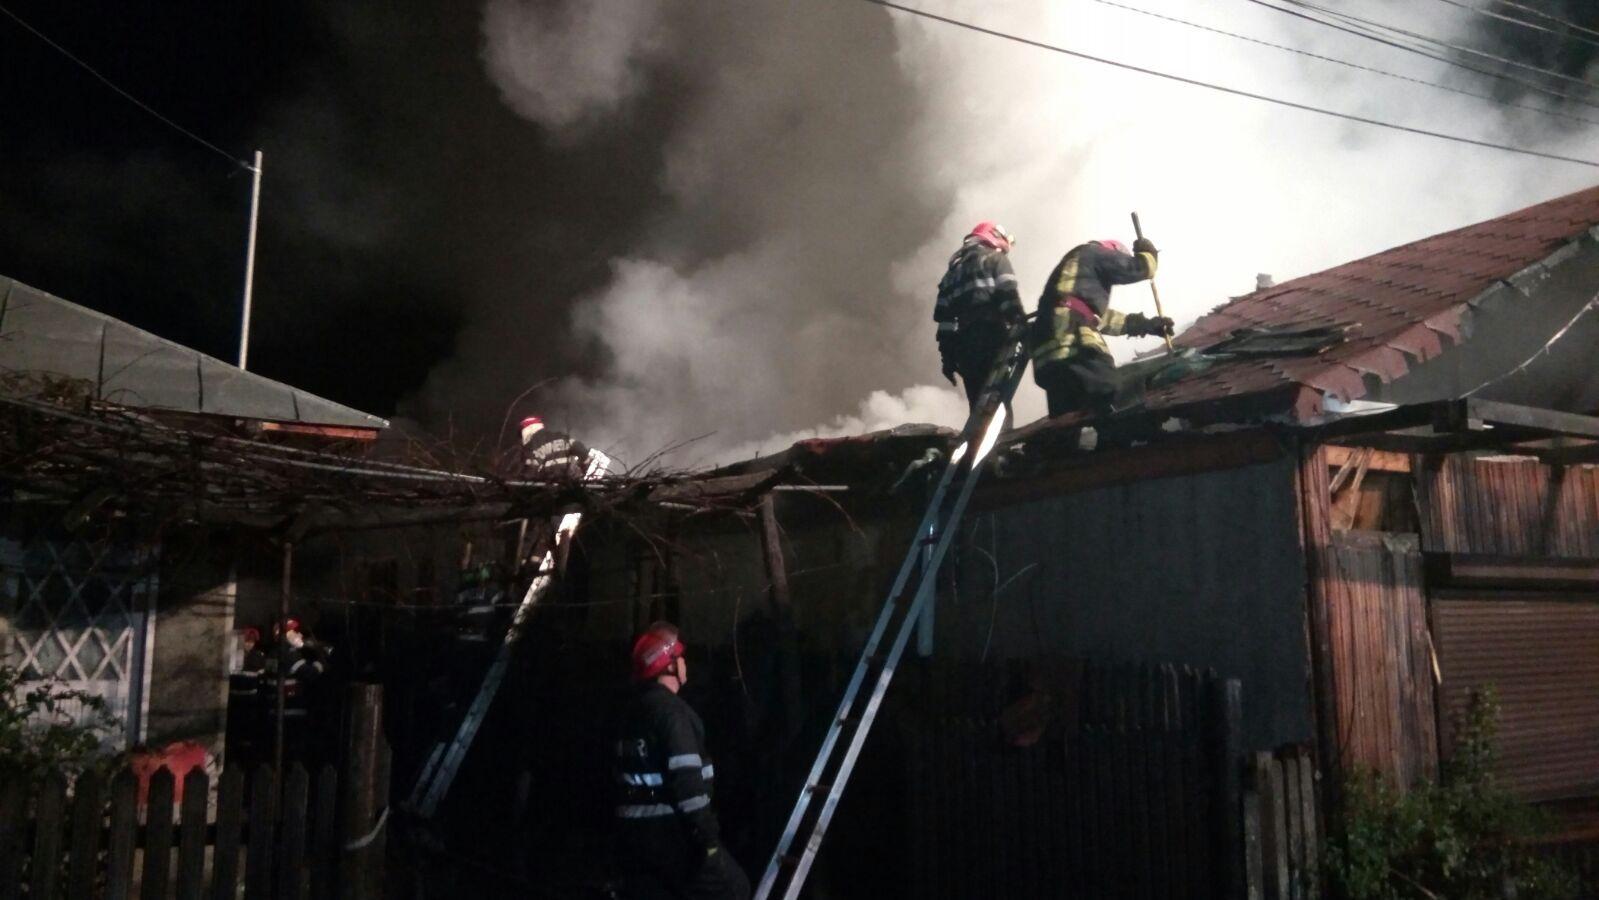 Două persoane au fost rănite în urma unui incendiu în judeţul Prahova | FOTO, VIDEO